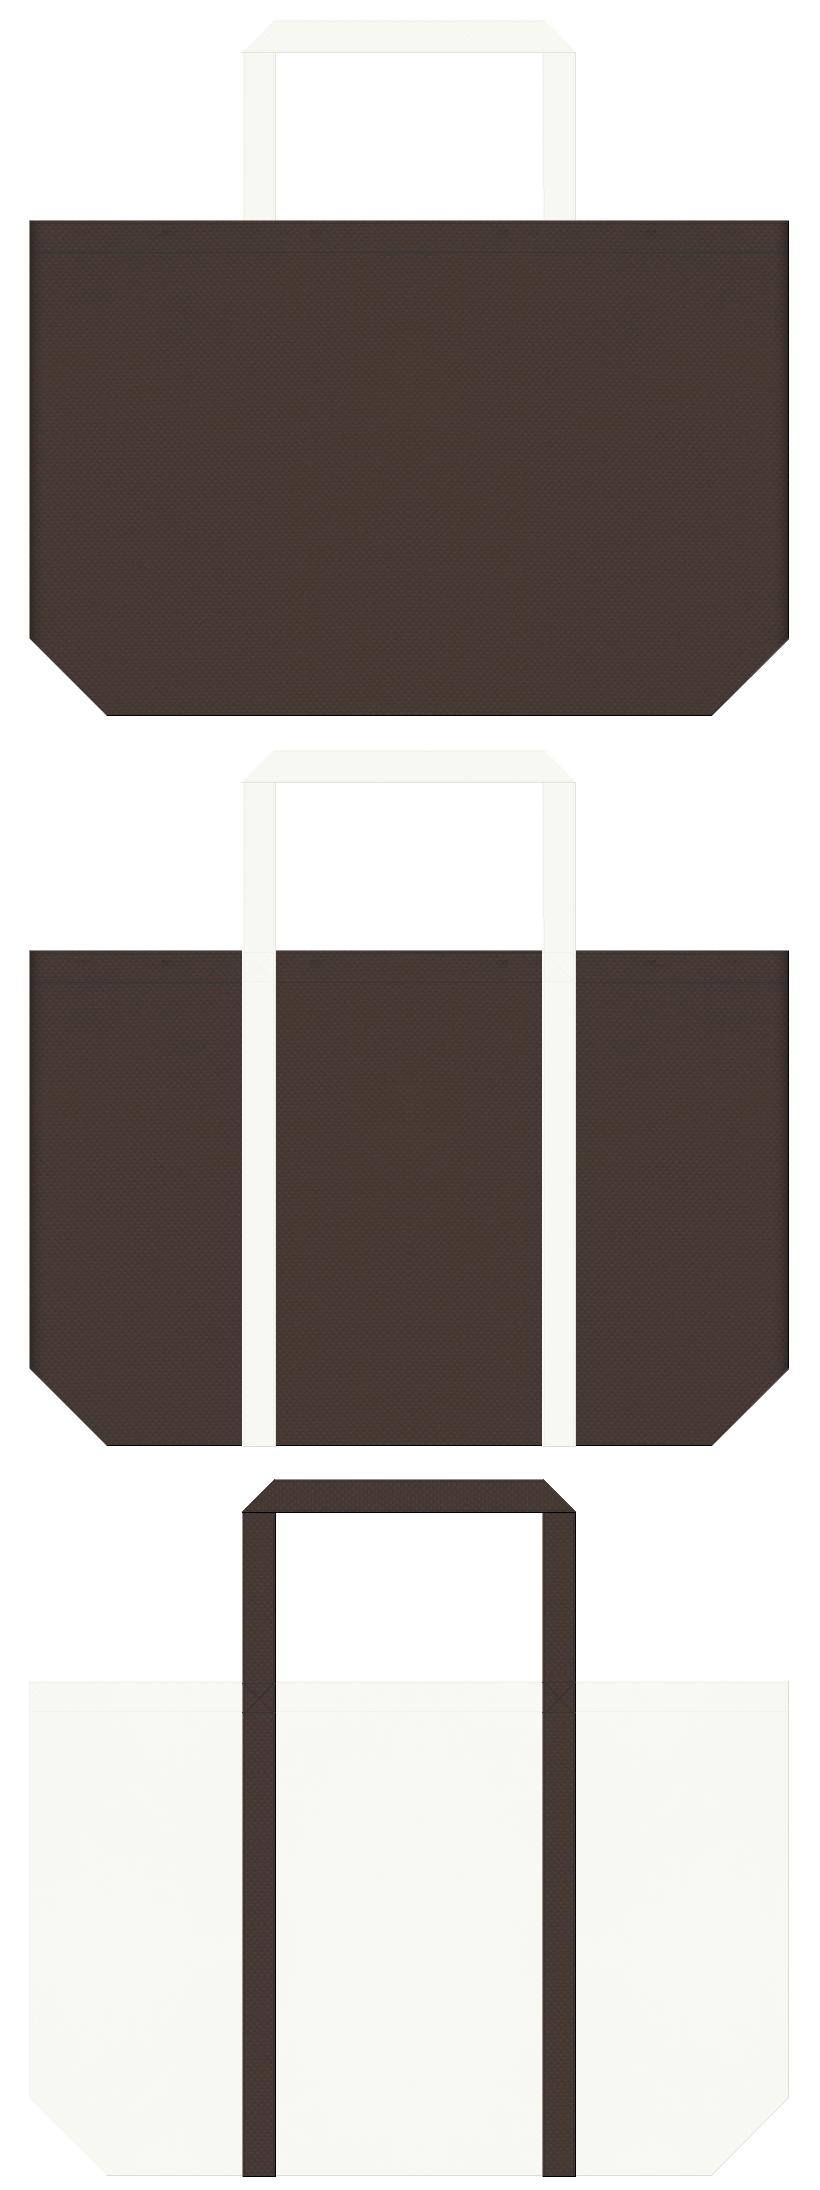 ロールケーキ・生クリーム・ホルスタイン・牛乳・乳製品・牧場イベント・サラブレッド・乗馬クラブ・動物病院・ホテル・マンション・オフィスビル・店舗インテリア・ヘアケア・ネイルサロン・カフェ・エステ・アロマ・美容室のノベルティにお奨めの不織布バッグデザイン:こげ茶色とオフホワイト色のコーデ